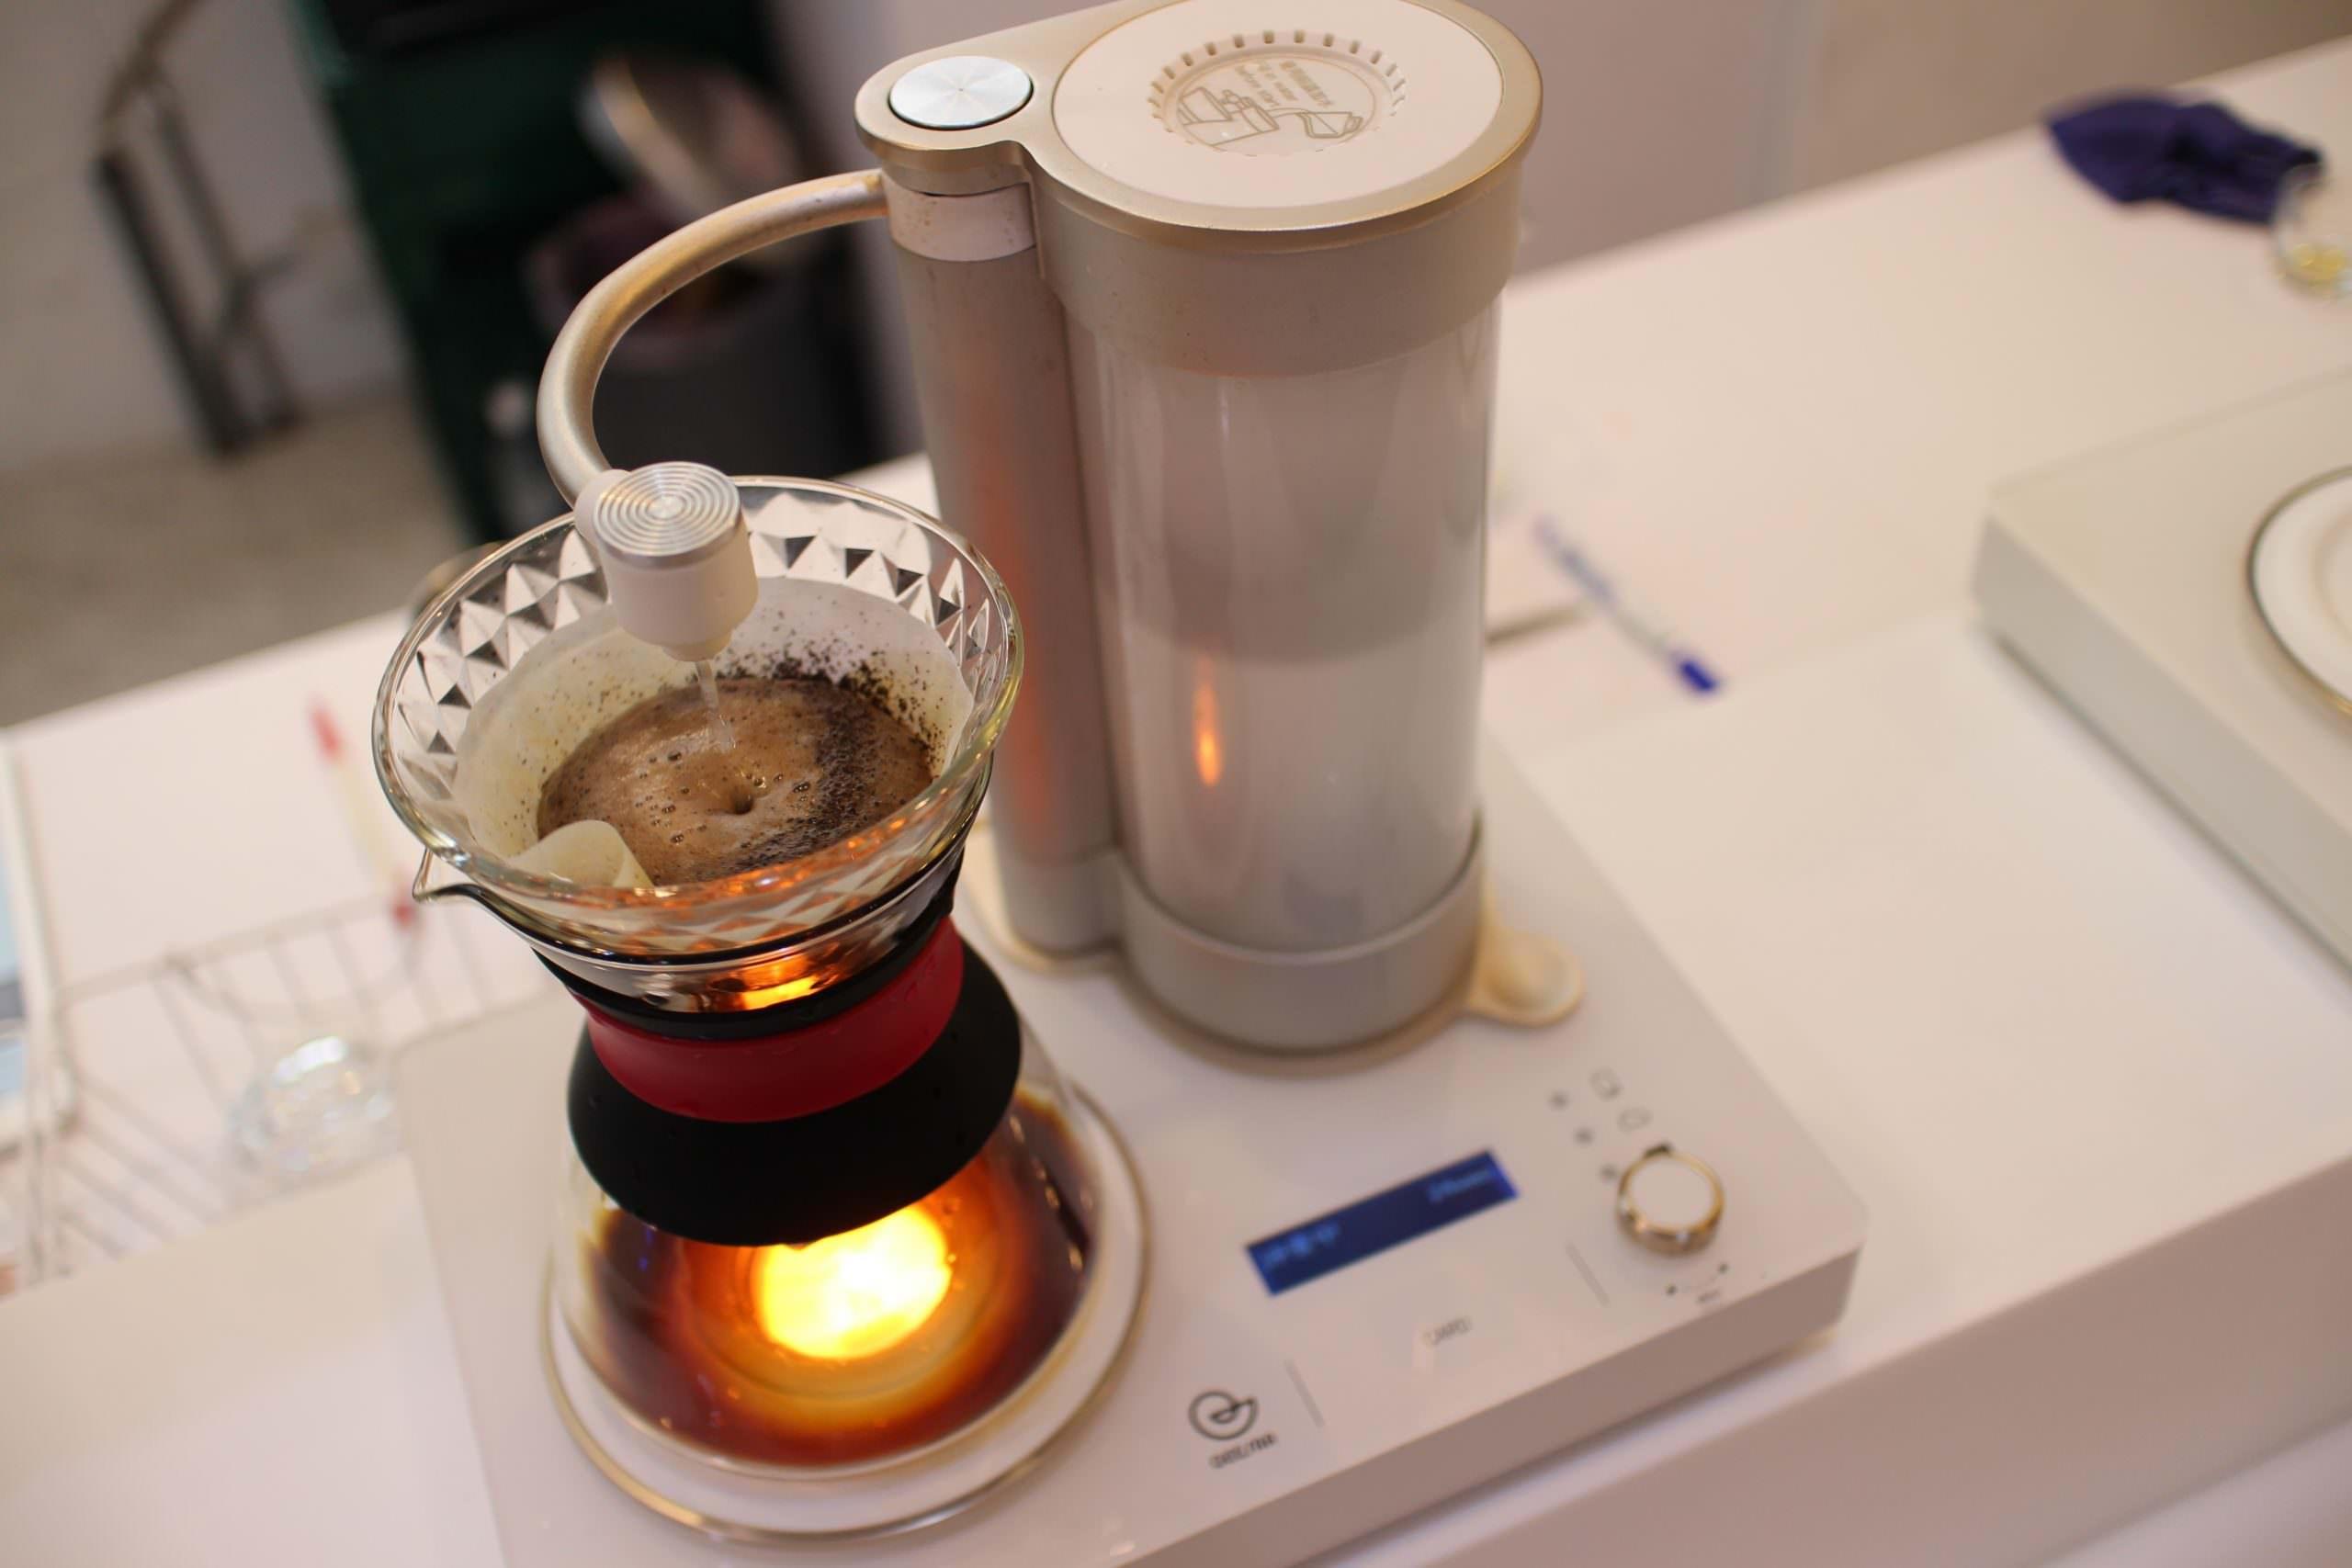 忠孝新生咖啡 :: GEESAA  完美重現咖啡大師的手沖咖啡,品味ISM蛋糕的下午茶